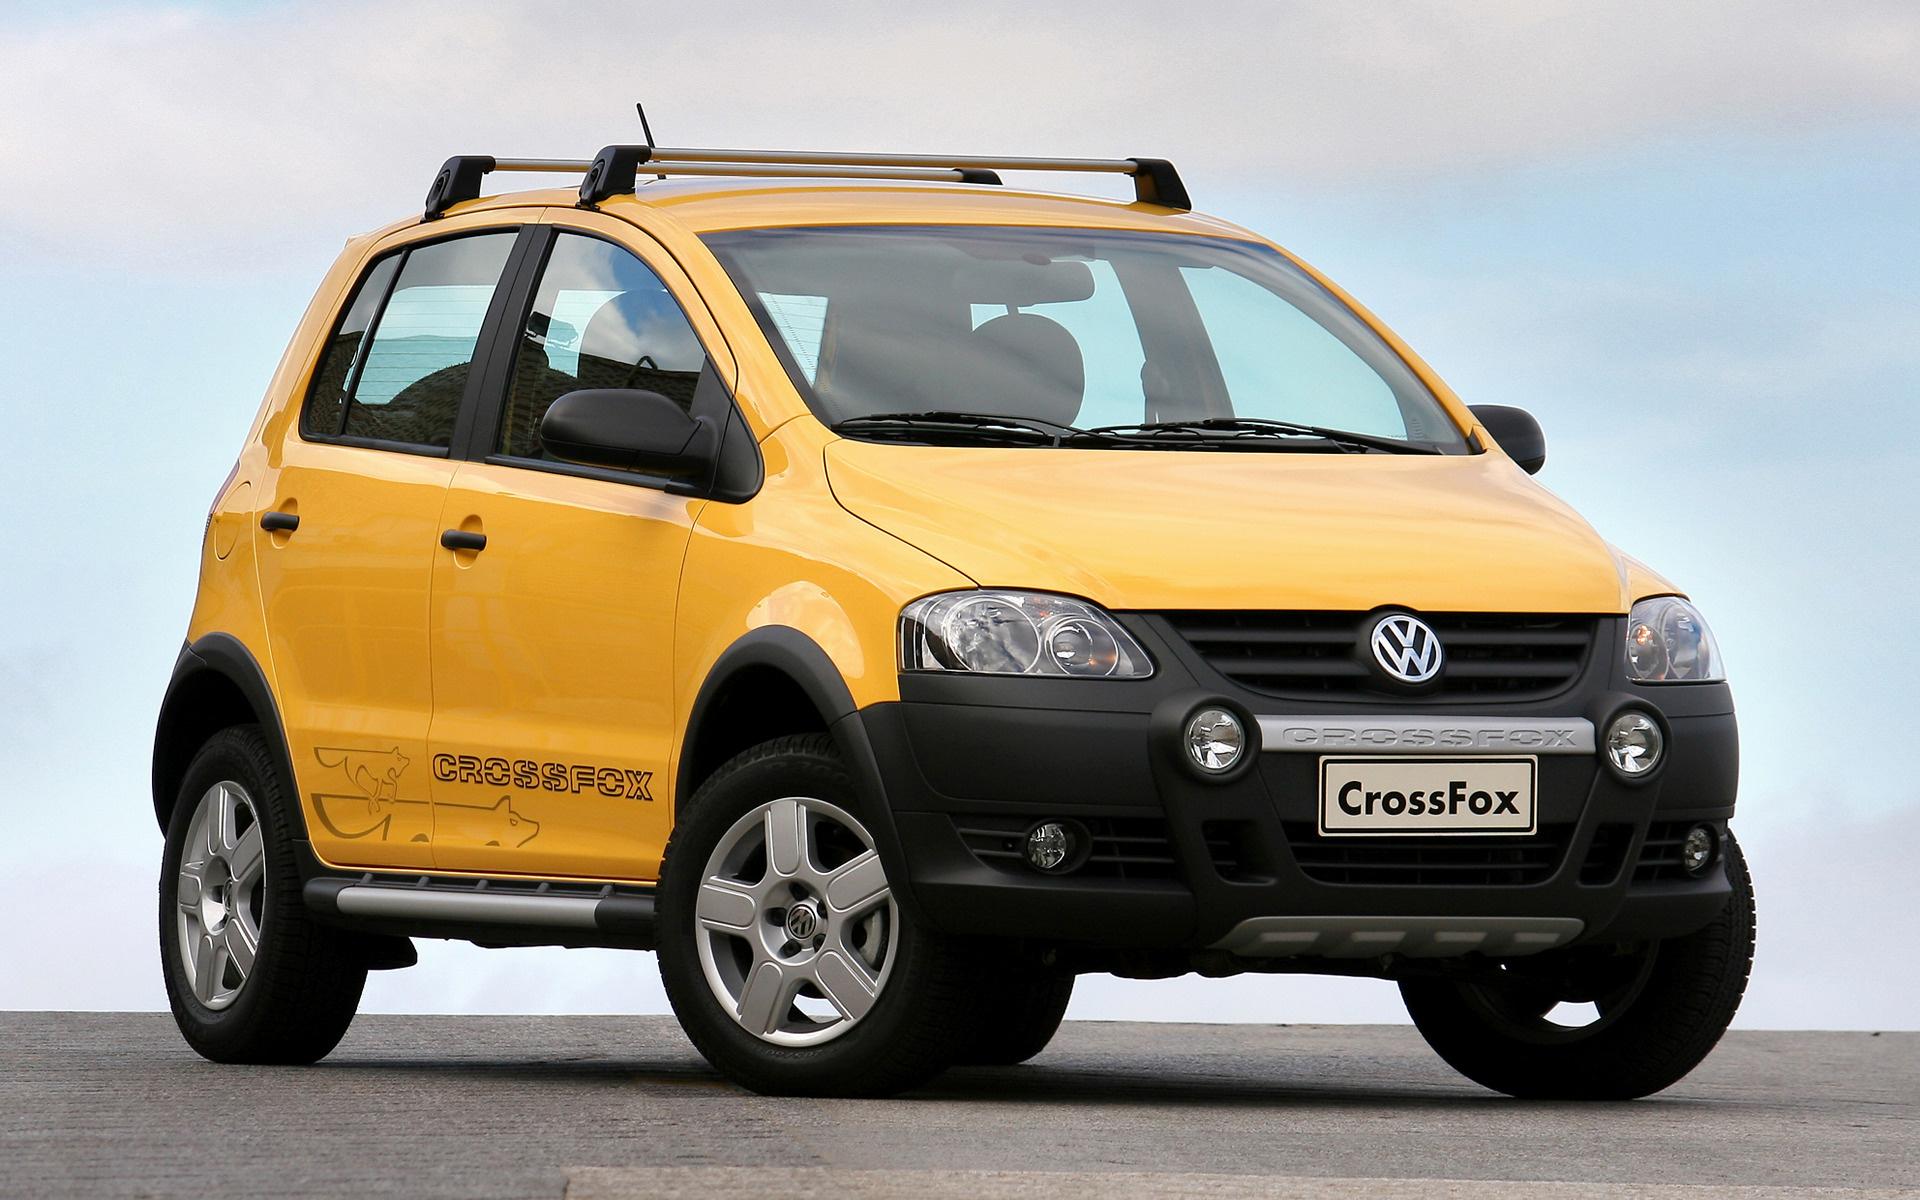 2008 Volkswagen Crossfox Wallpapers And Hd Images Car Pixel